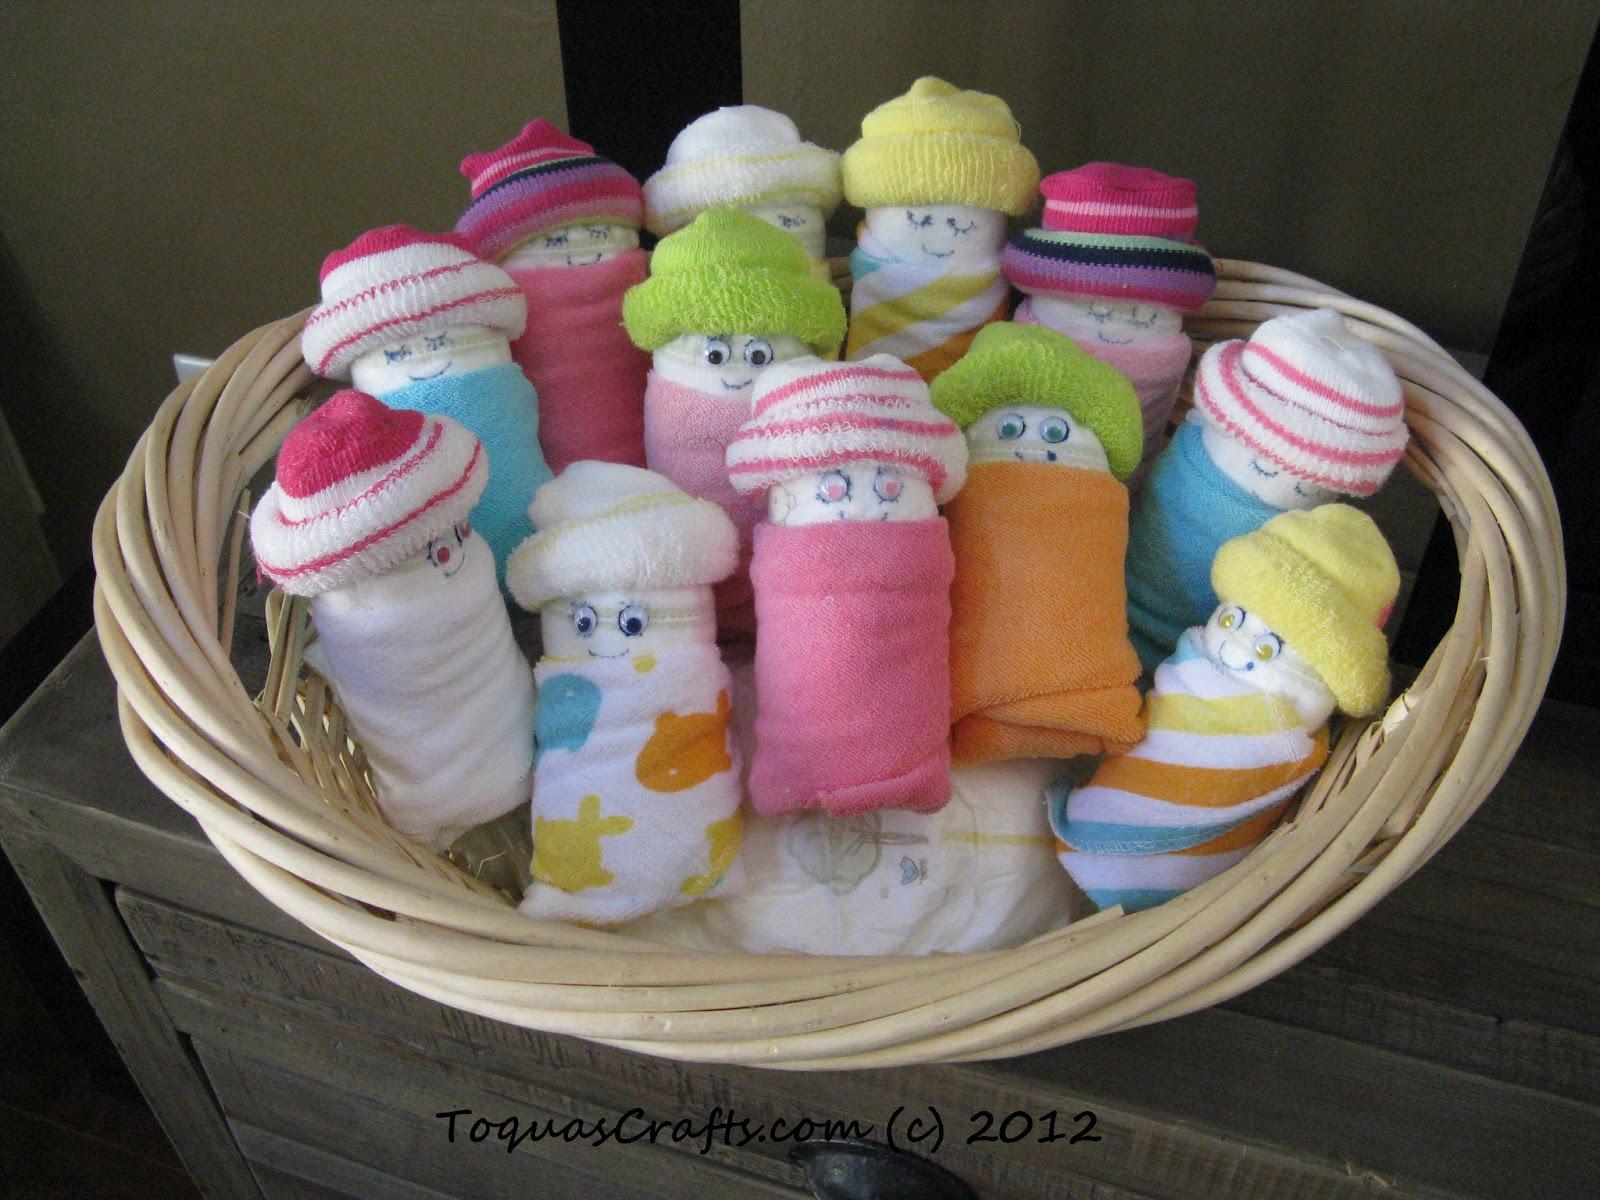 Toqua's Crafts: Baby Shower!